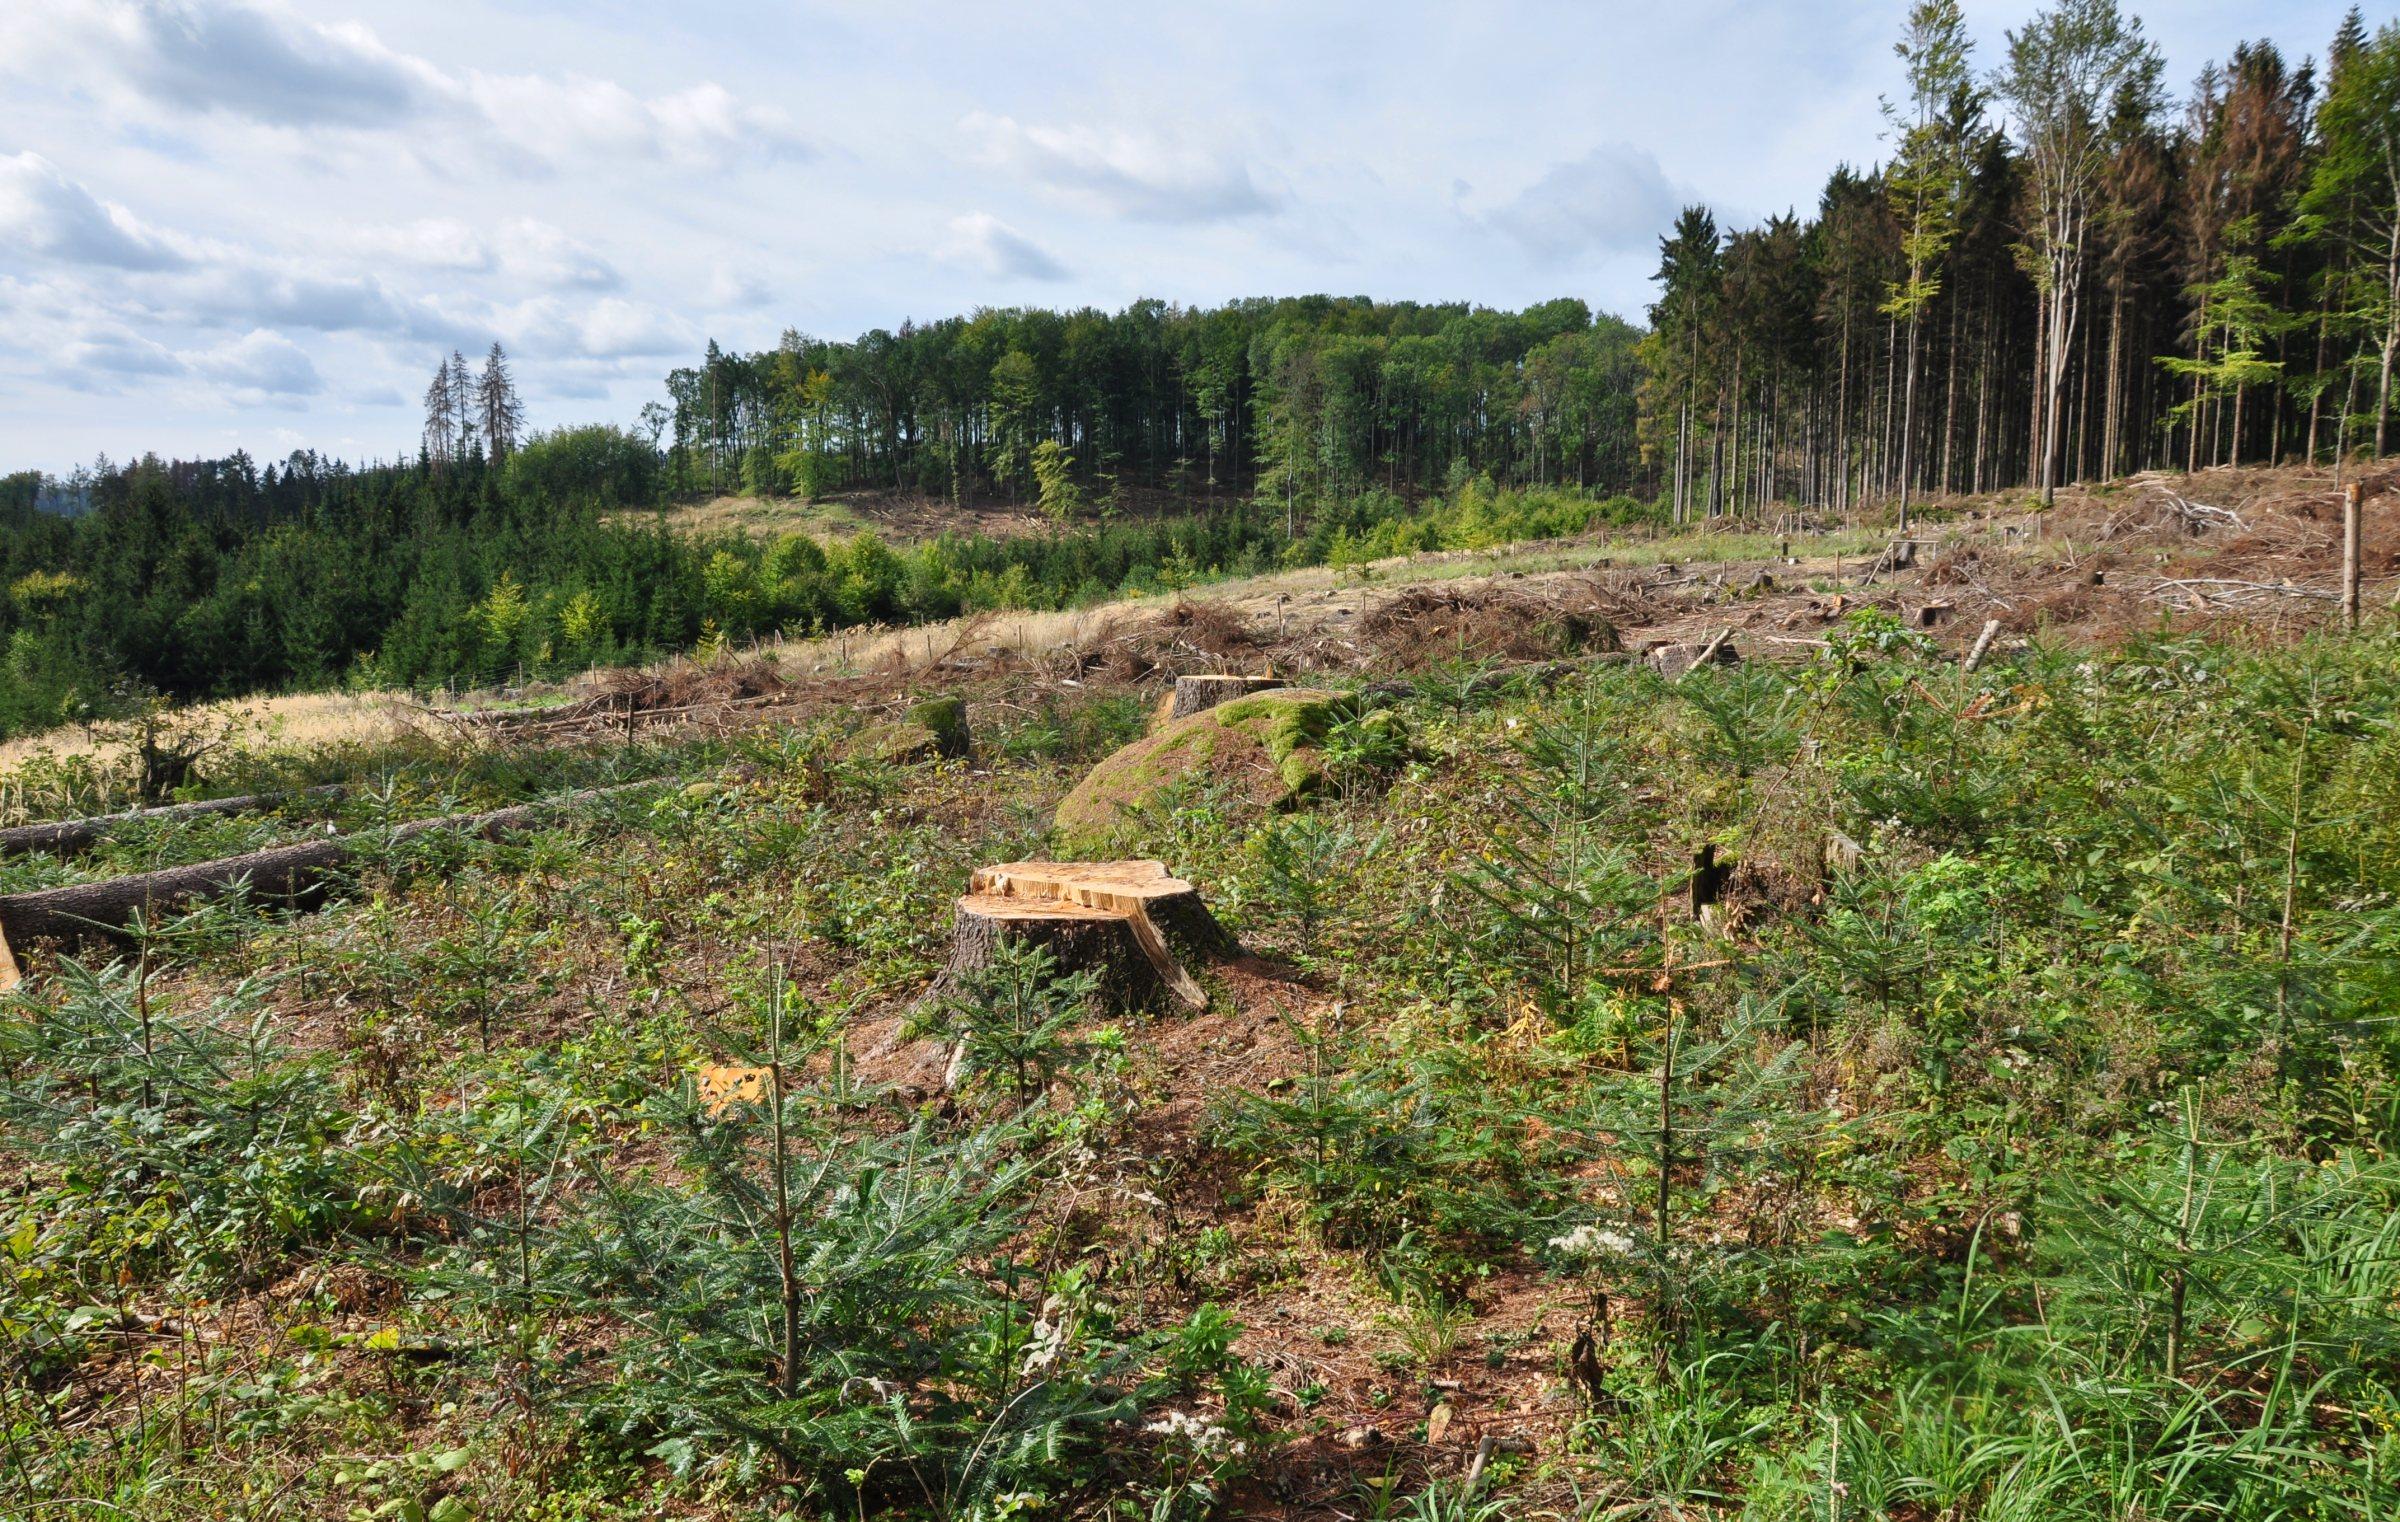 Důsledky kůrovcové kalamity na budoucnost lesnictví ve střední Evropě